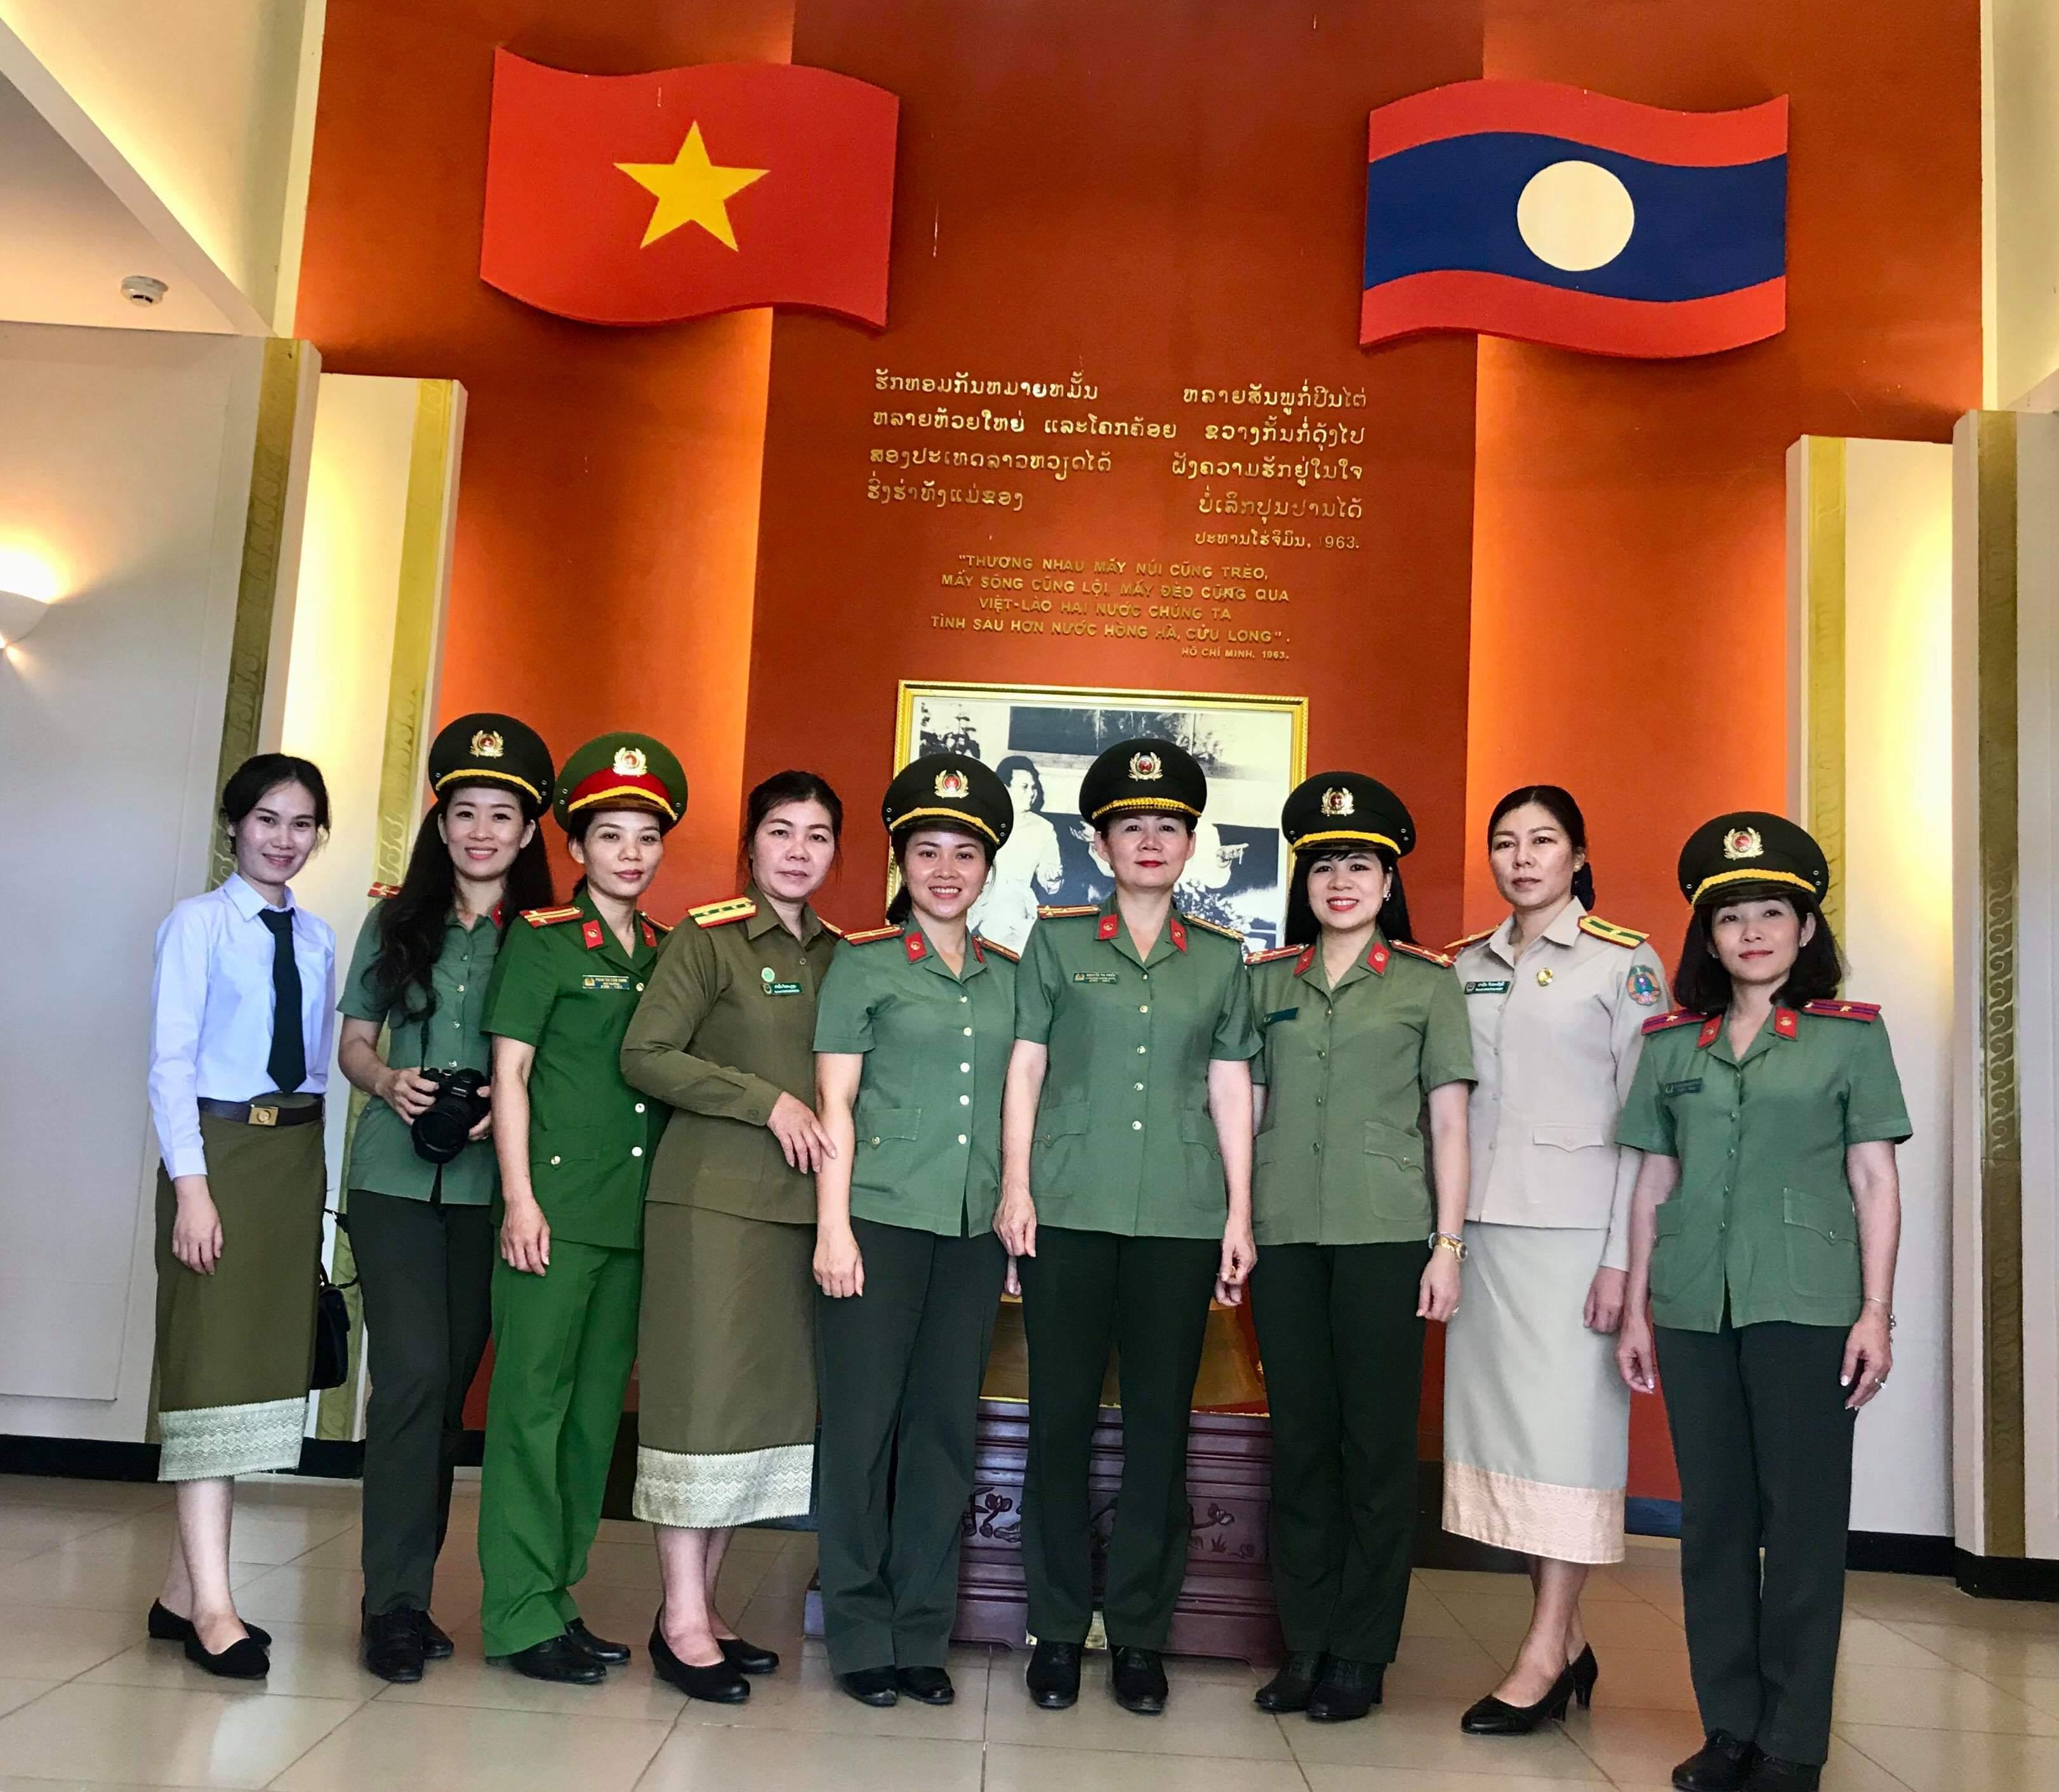 Hình ảnh những nữ công an